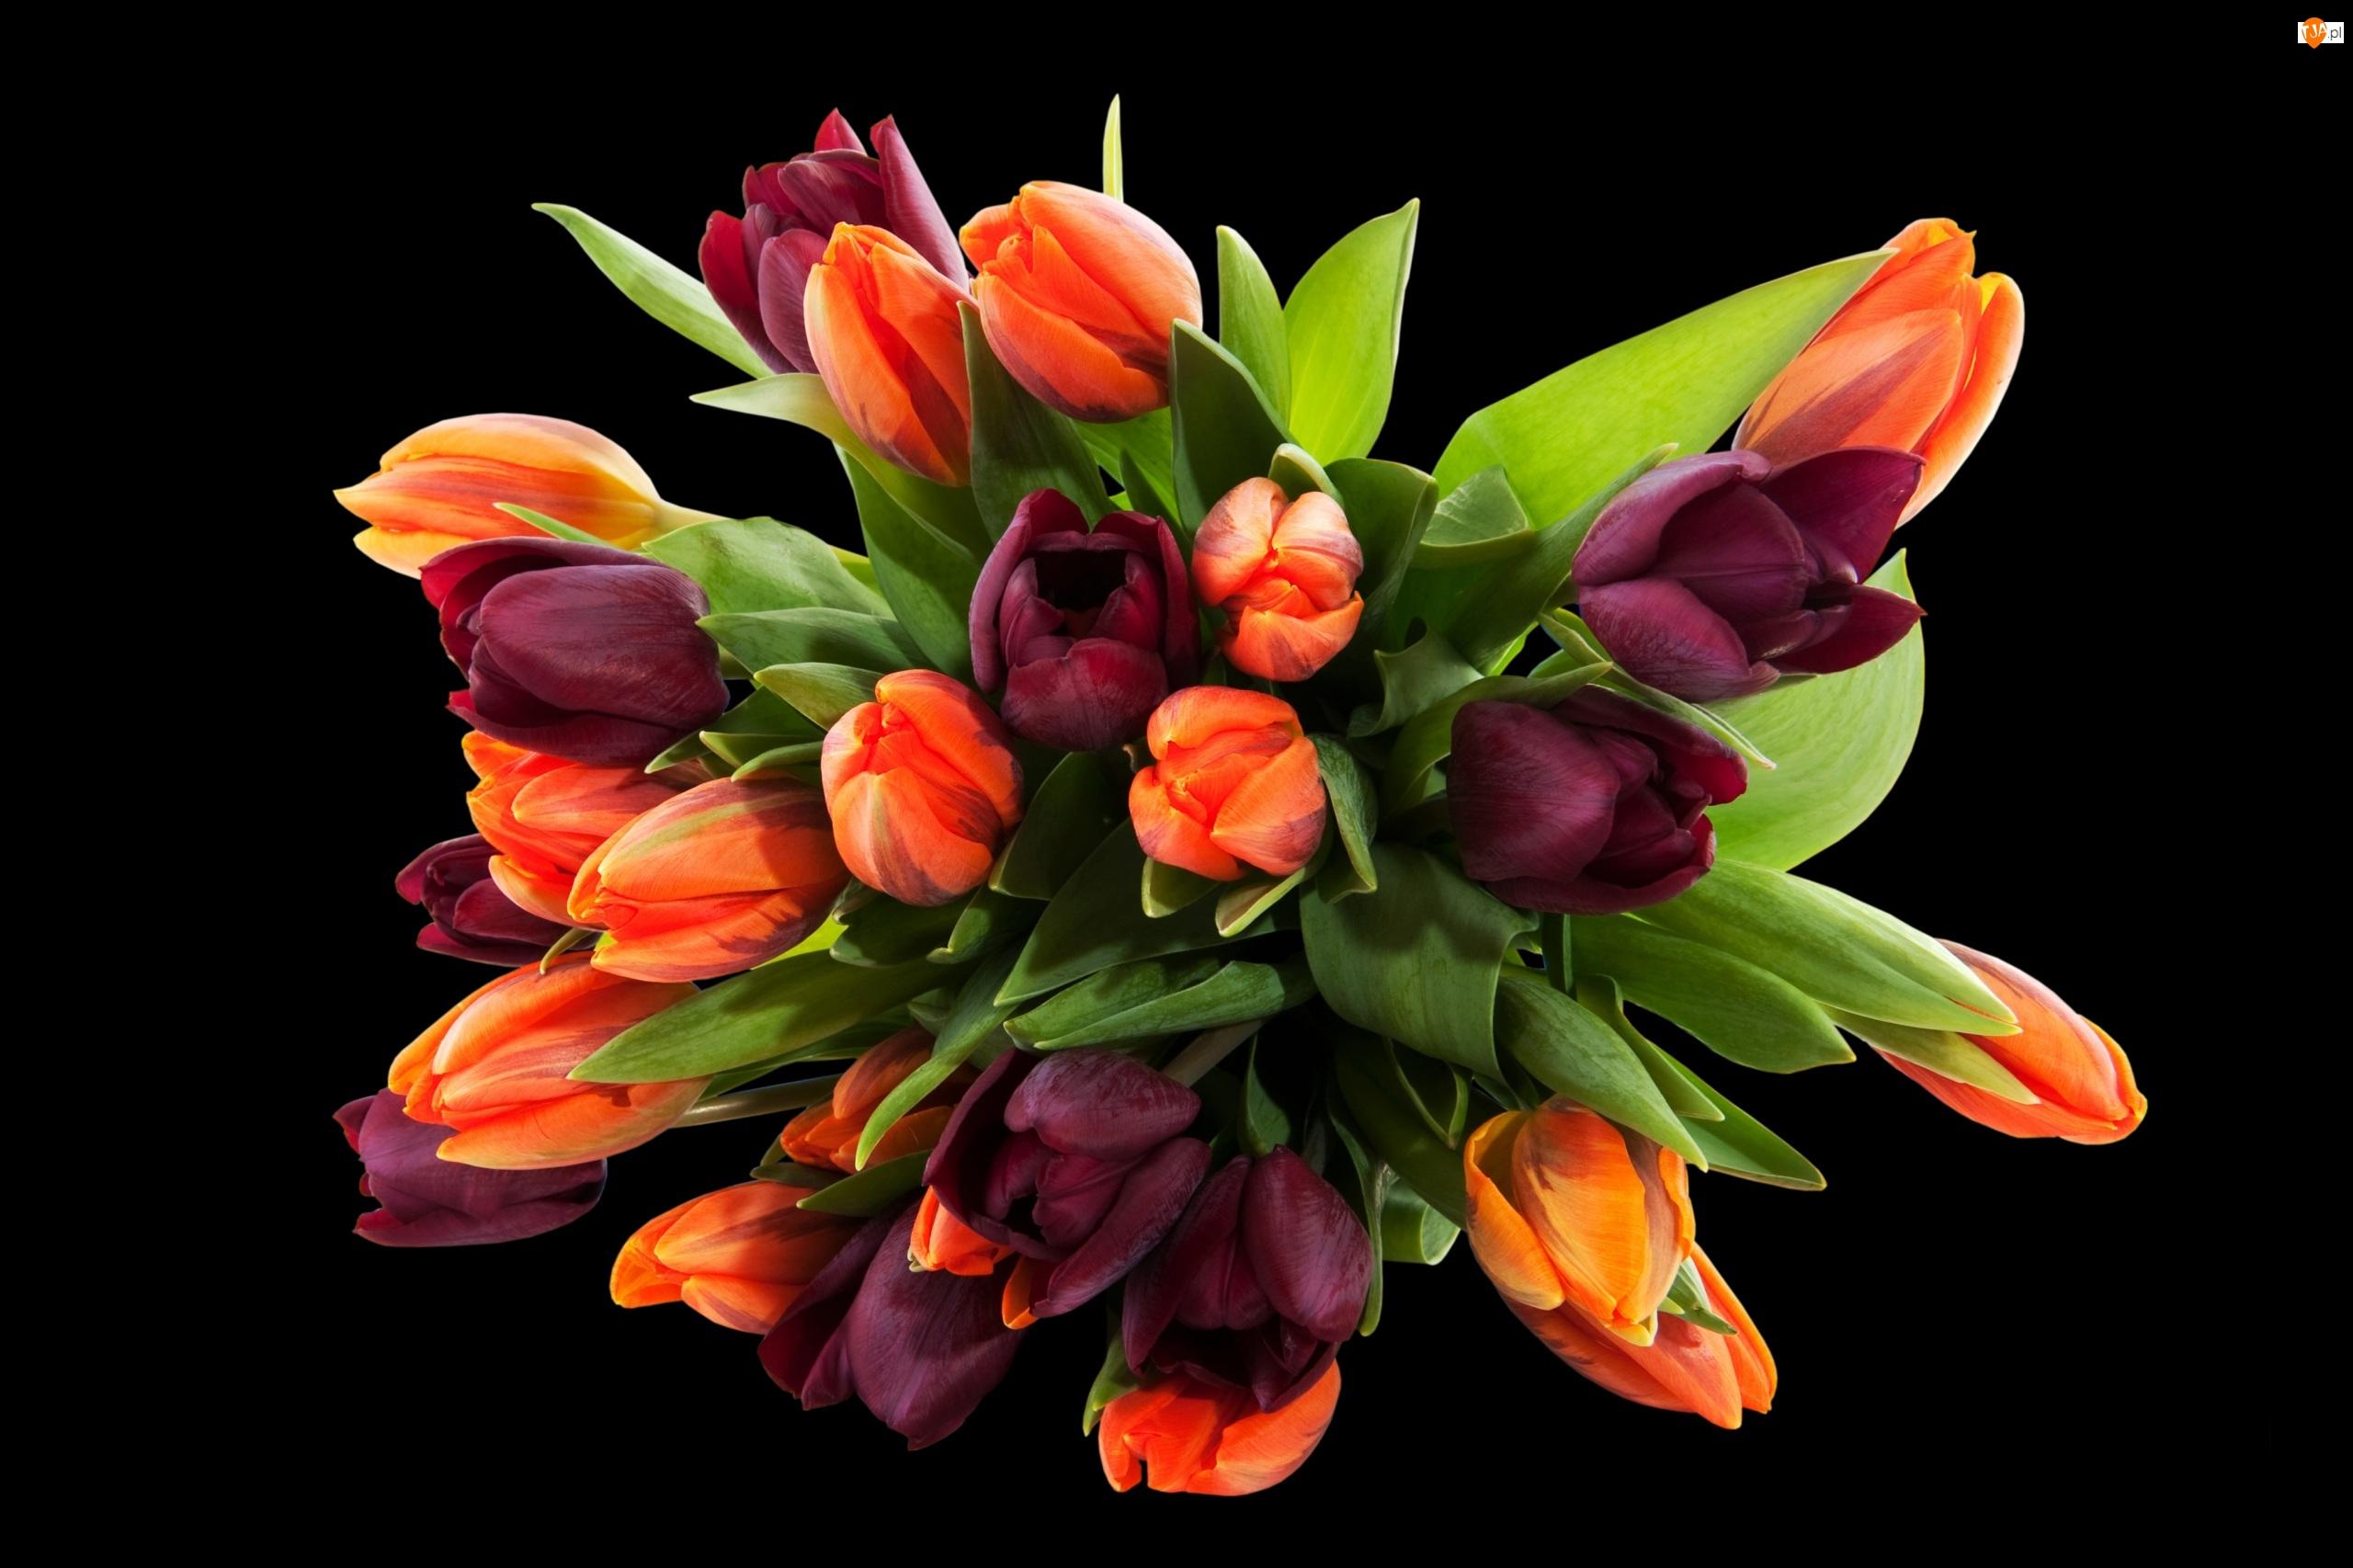 Czarne Tło, Tulipany, Bukiet